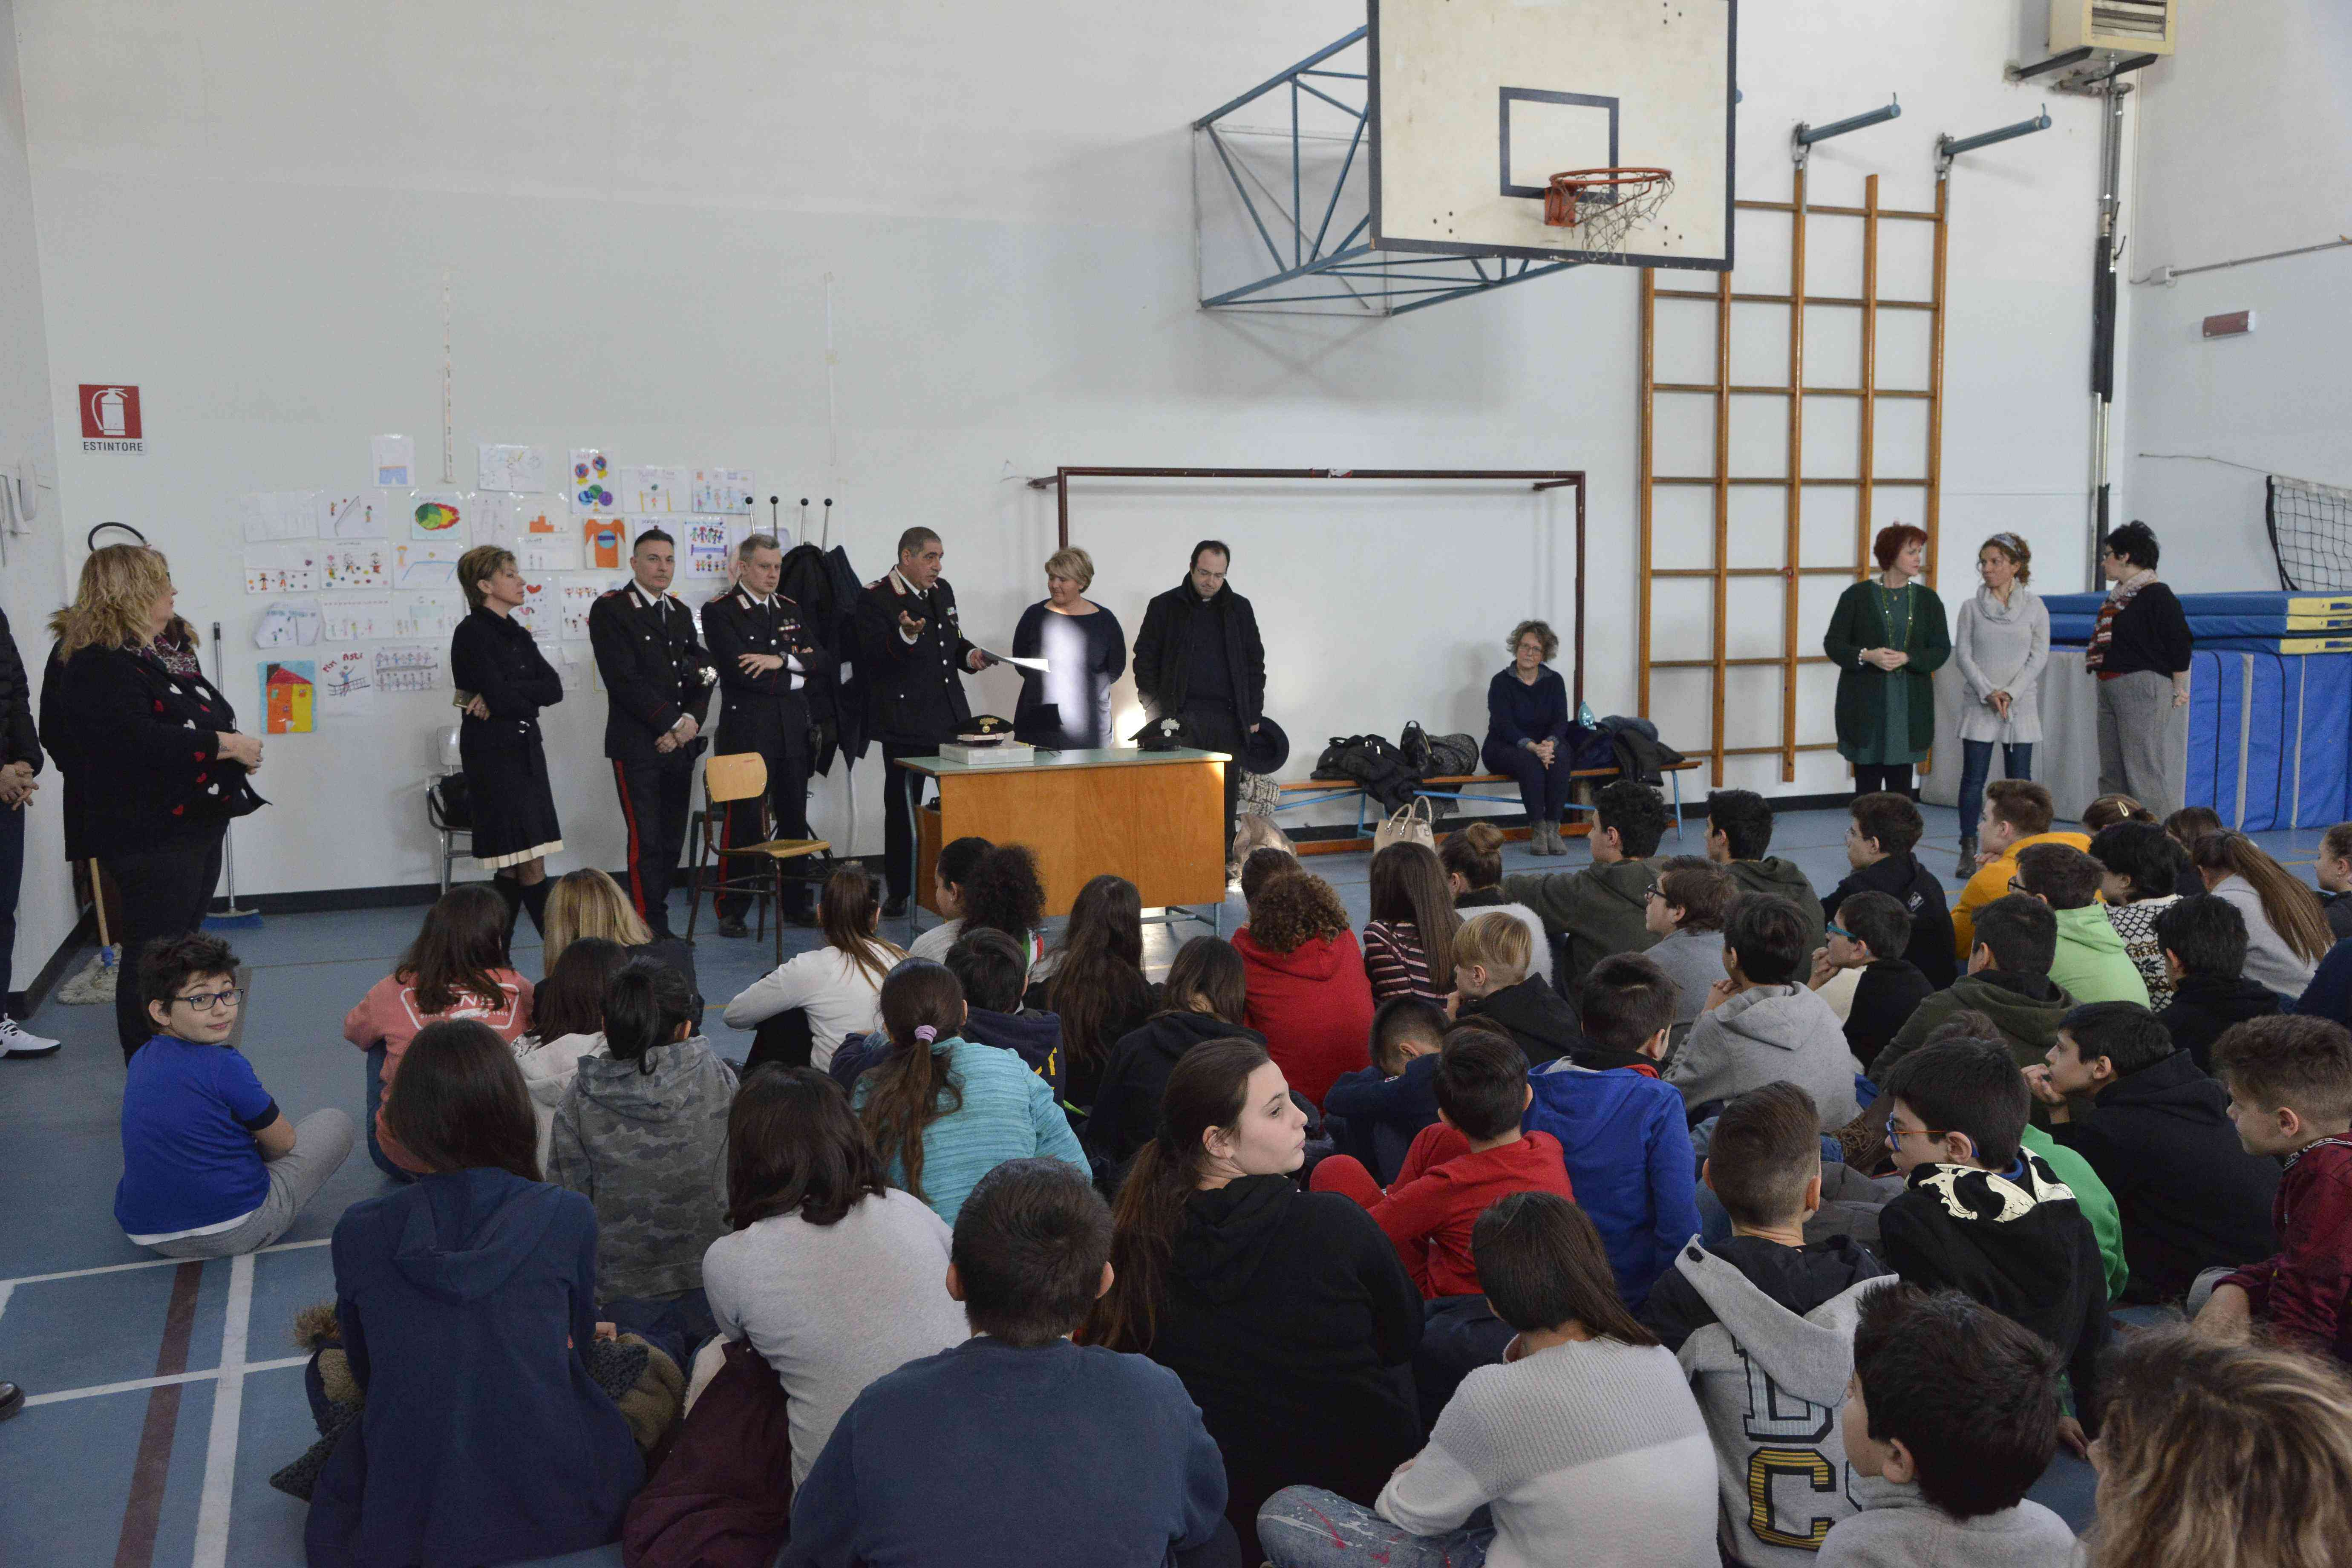 carabinieri incontri astigiano 2